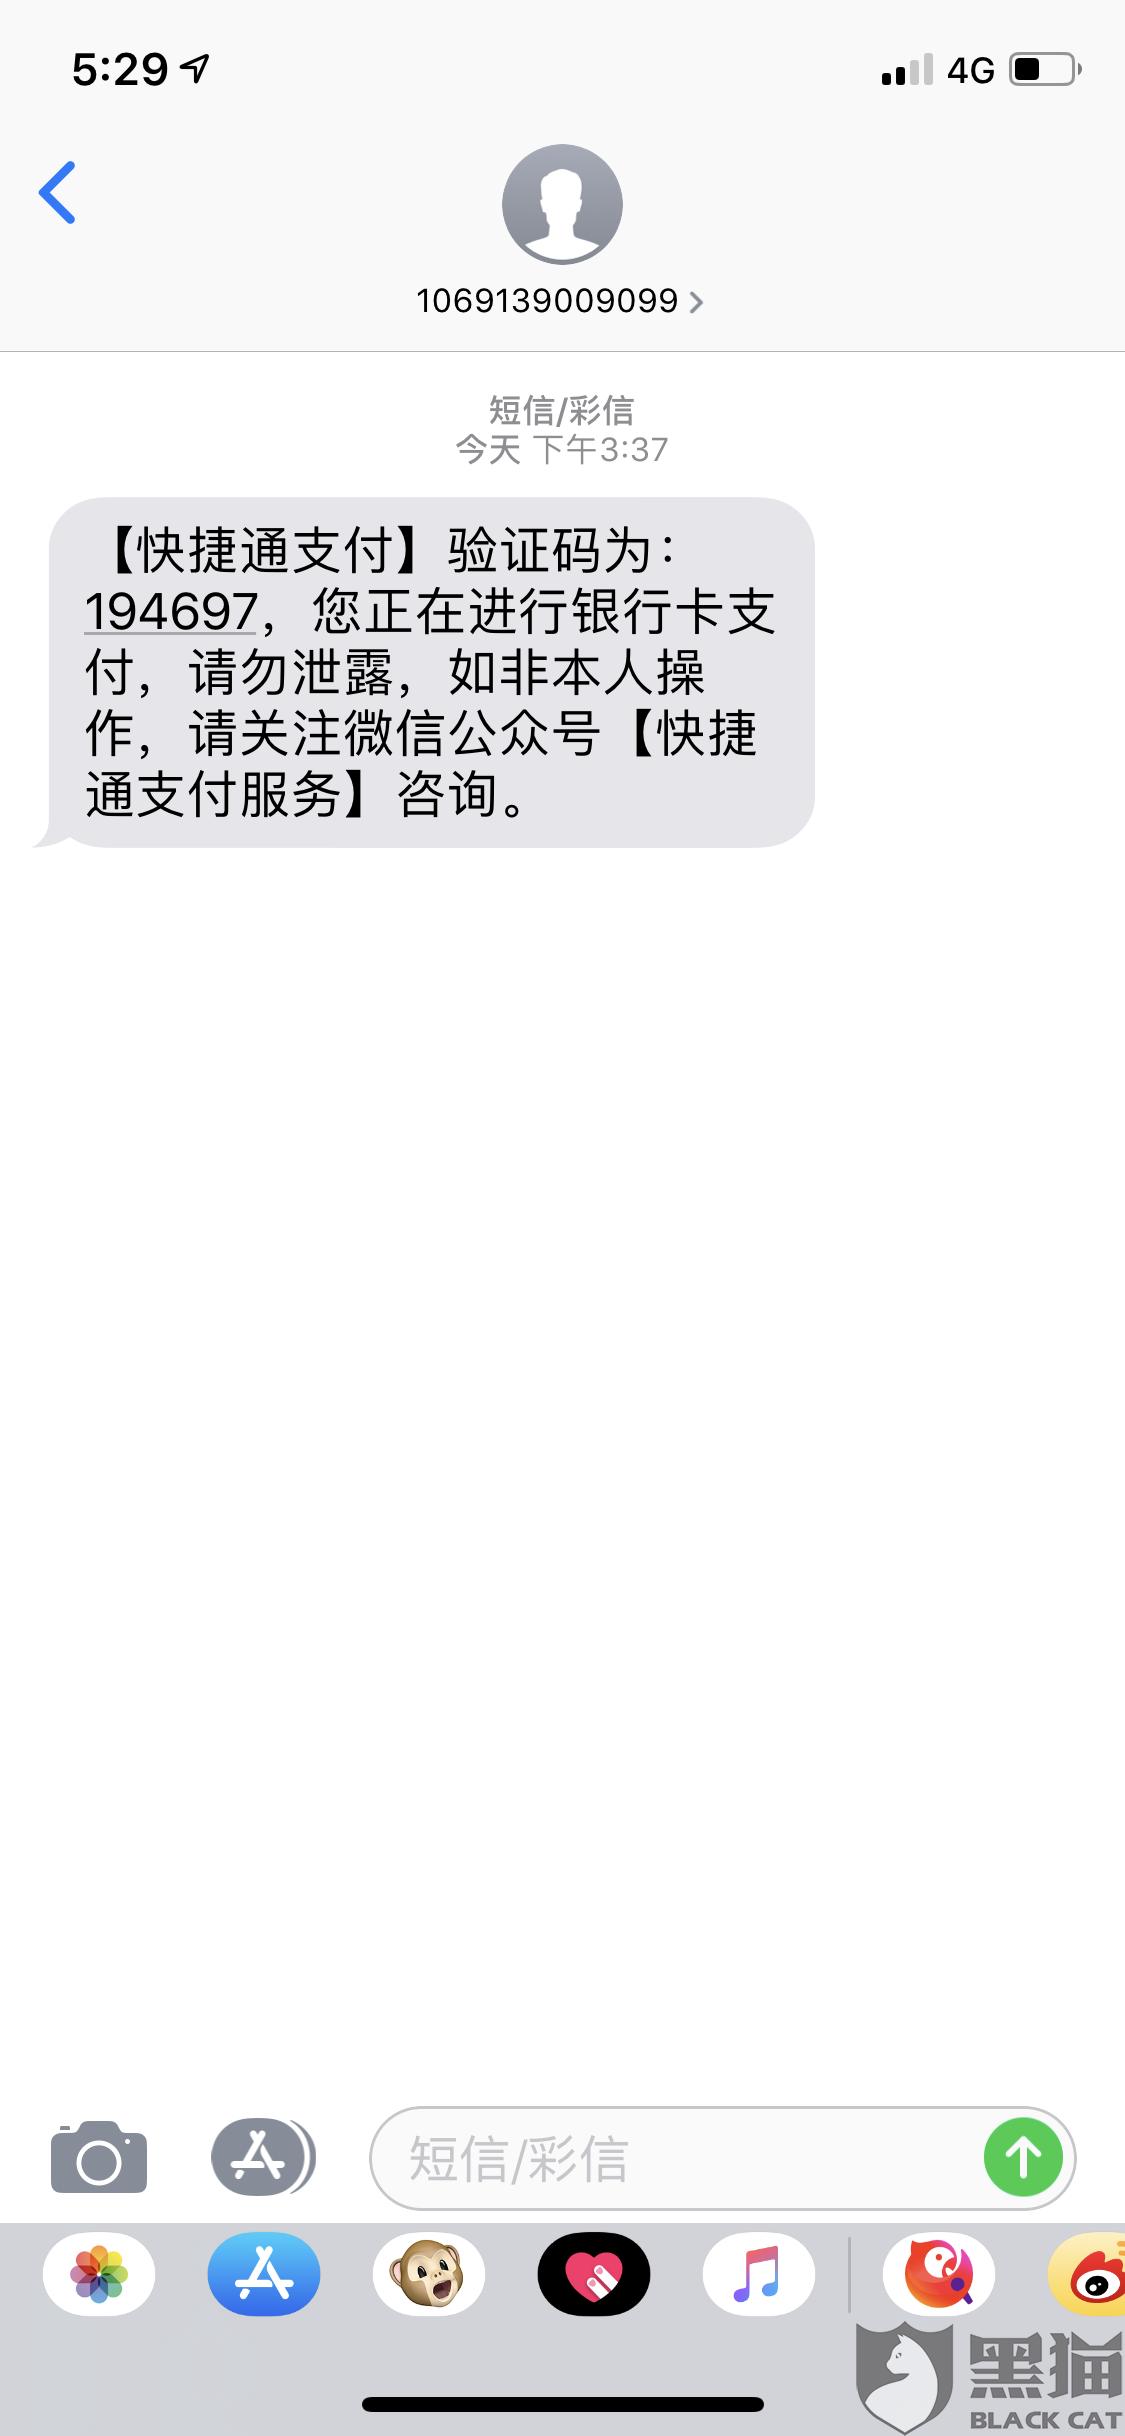 黑猫投诉:杭州花信信息科技有限公司